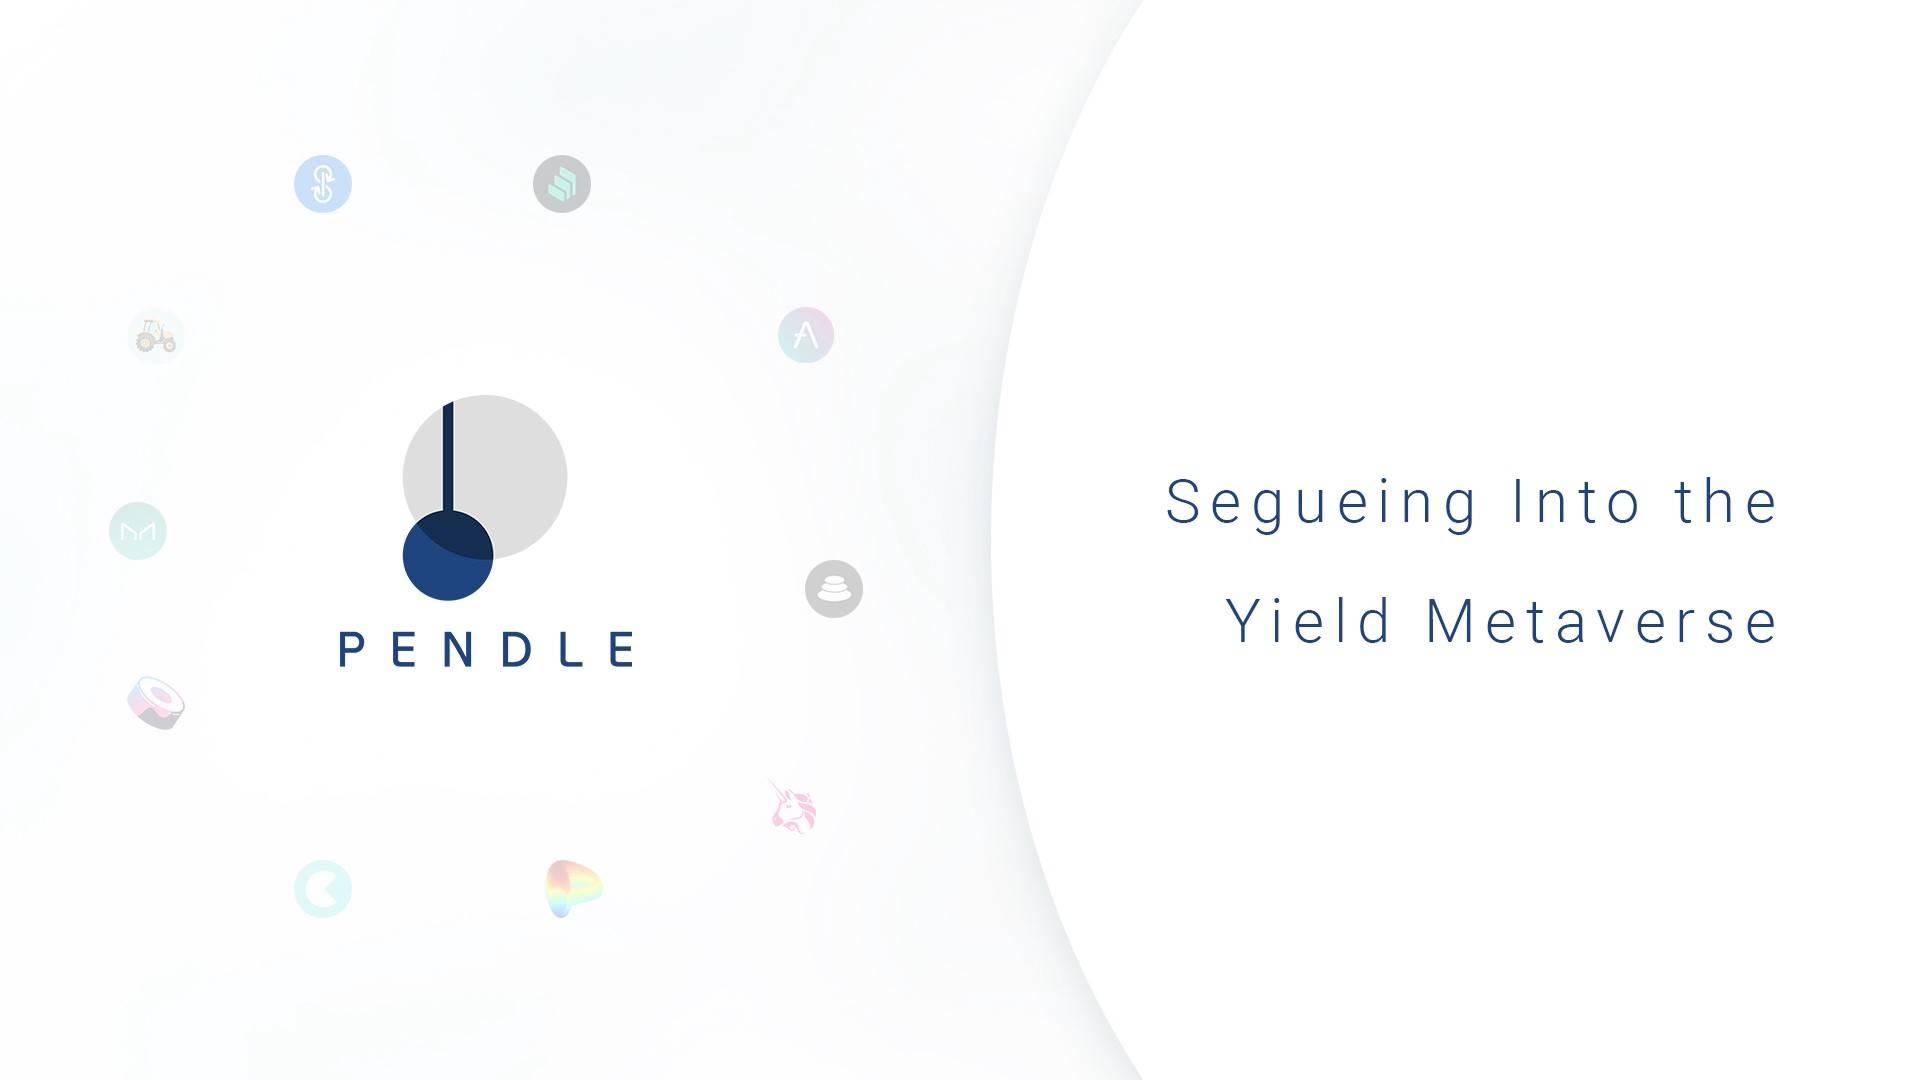 DeFi新玩法 | 一文让你了解DeFi上的信用衍生品市场Pendle